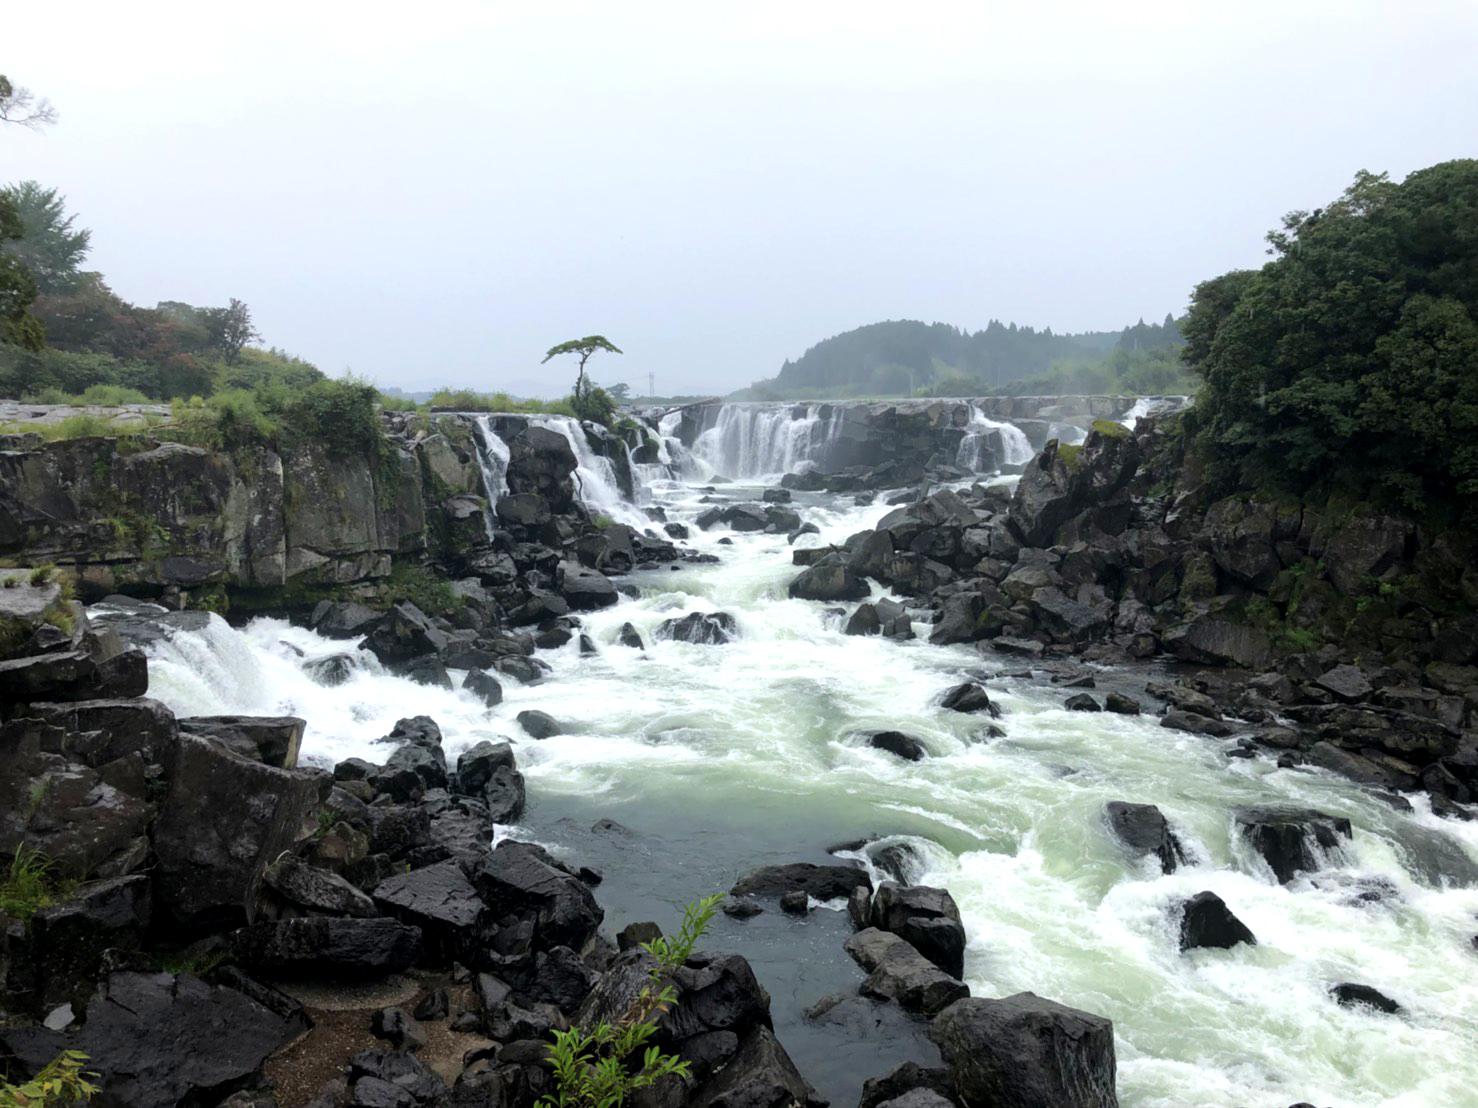 鹿児島ふらっとドライブ(曽木の滝、曽木発電所遺構、丸池湧水、霧島アートの森)